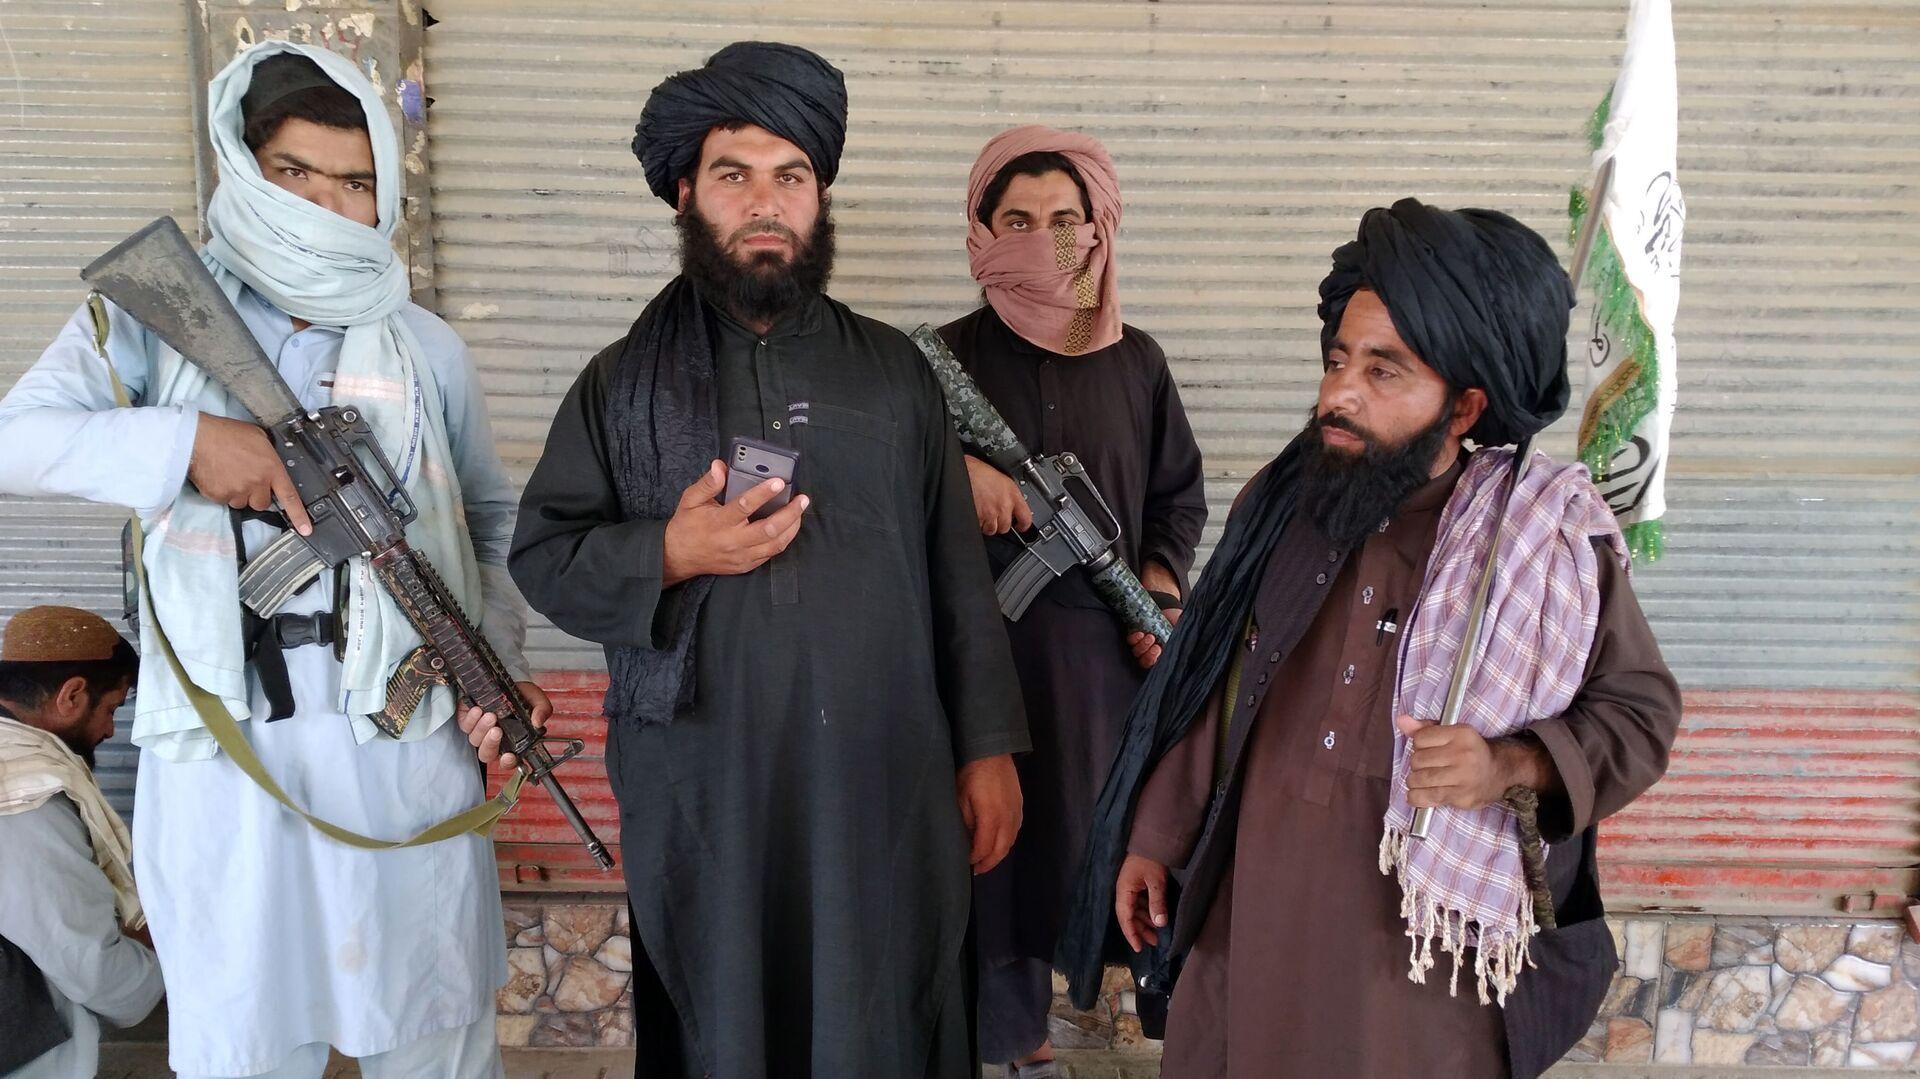 Combattenti talebani (organizzazione terroristica vietata in Russia) pattugliano le strade della città di Farah, la capitale della provincia di Farah, a sud-ovest di Kabul, in Afghanistan - Sputnik Italia, 1920, 01.09.2021